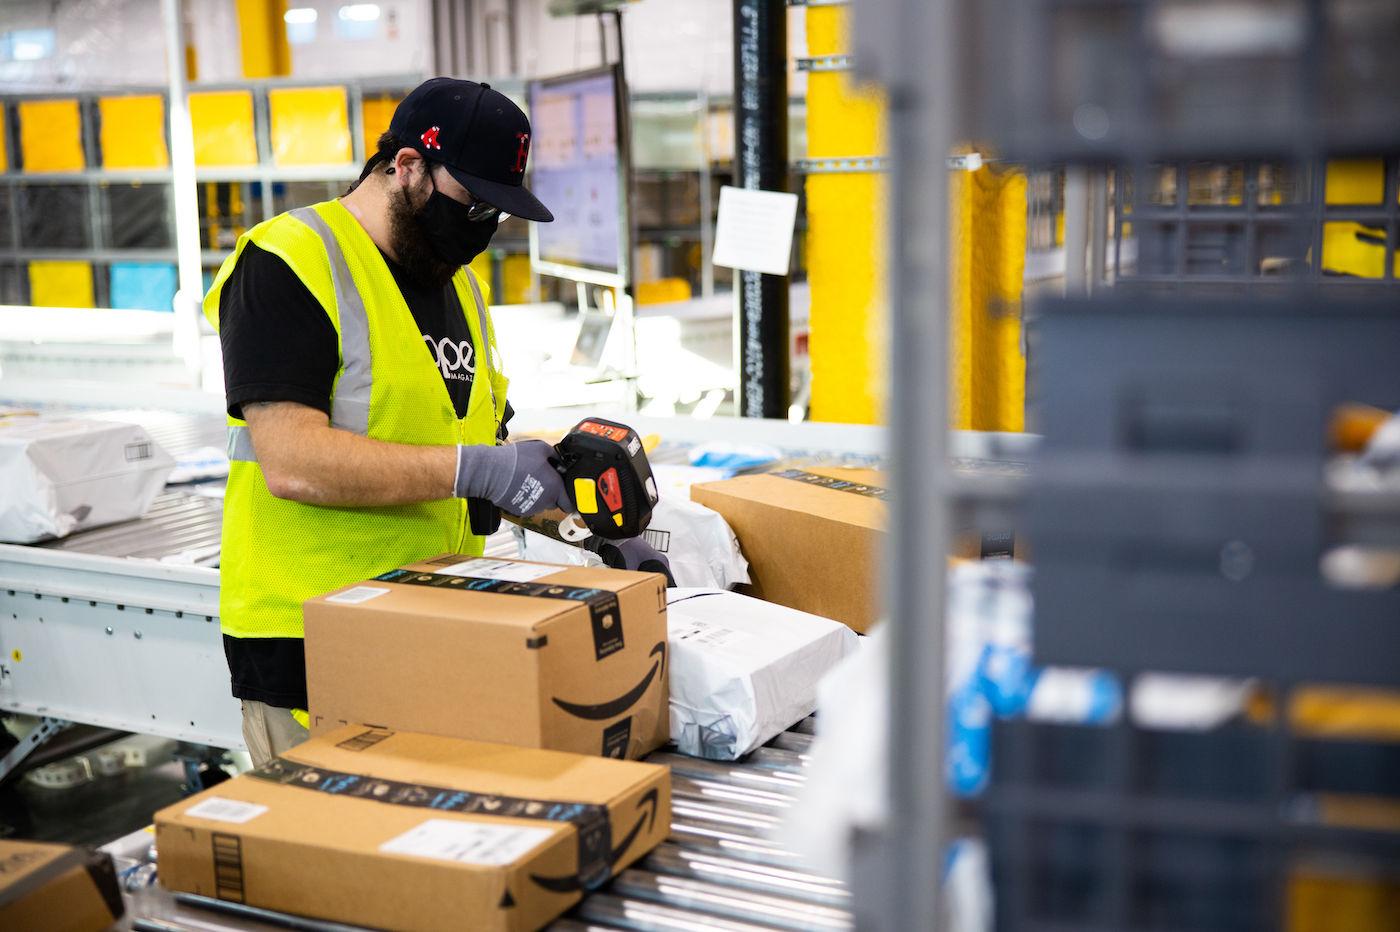 Amazon rachète une startup pour concurrencer Shopify sérieusement - Presse-citron